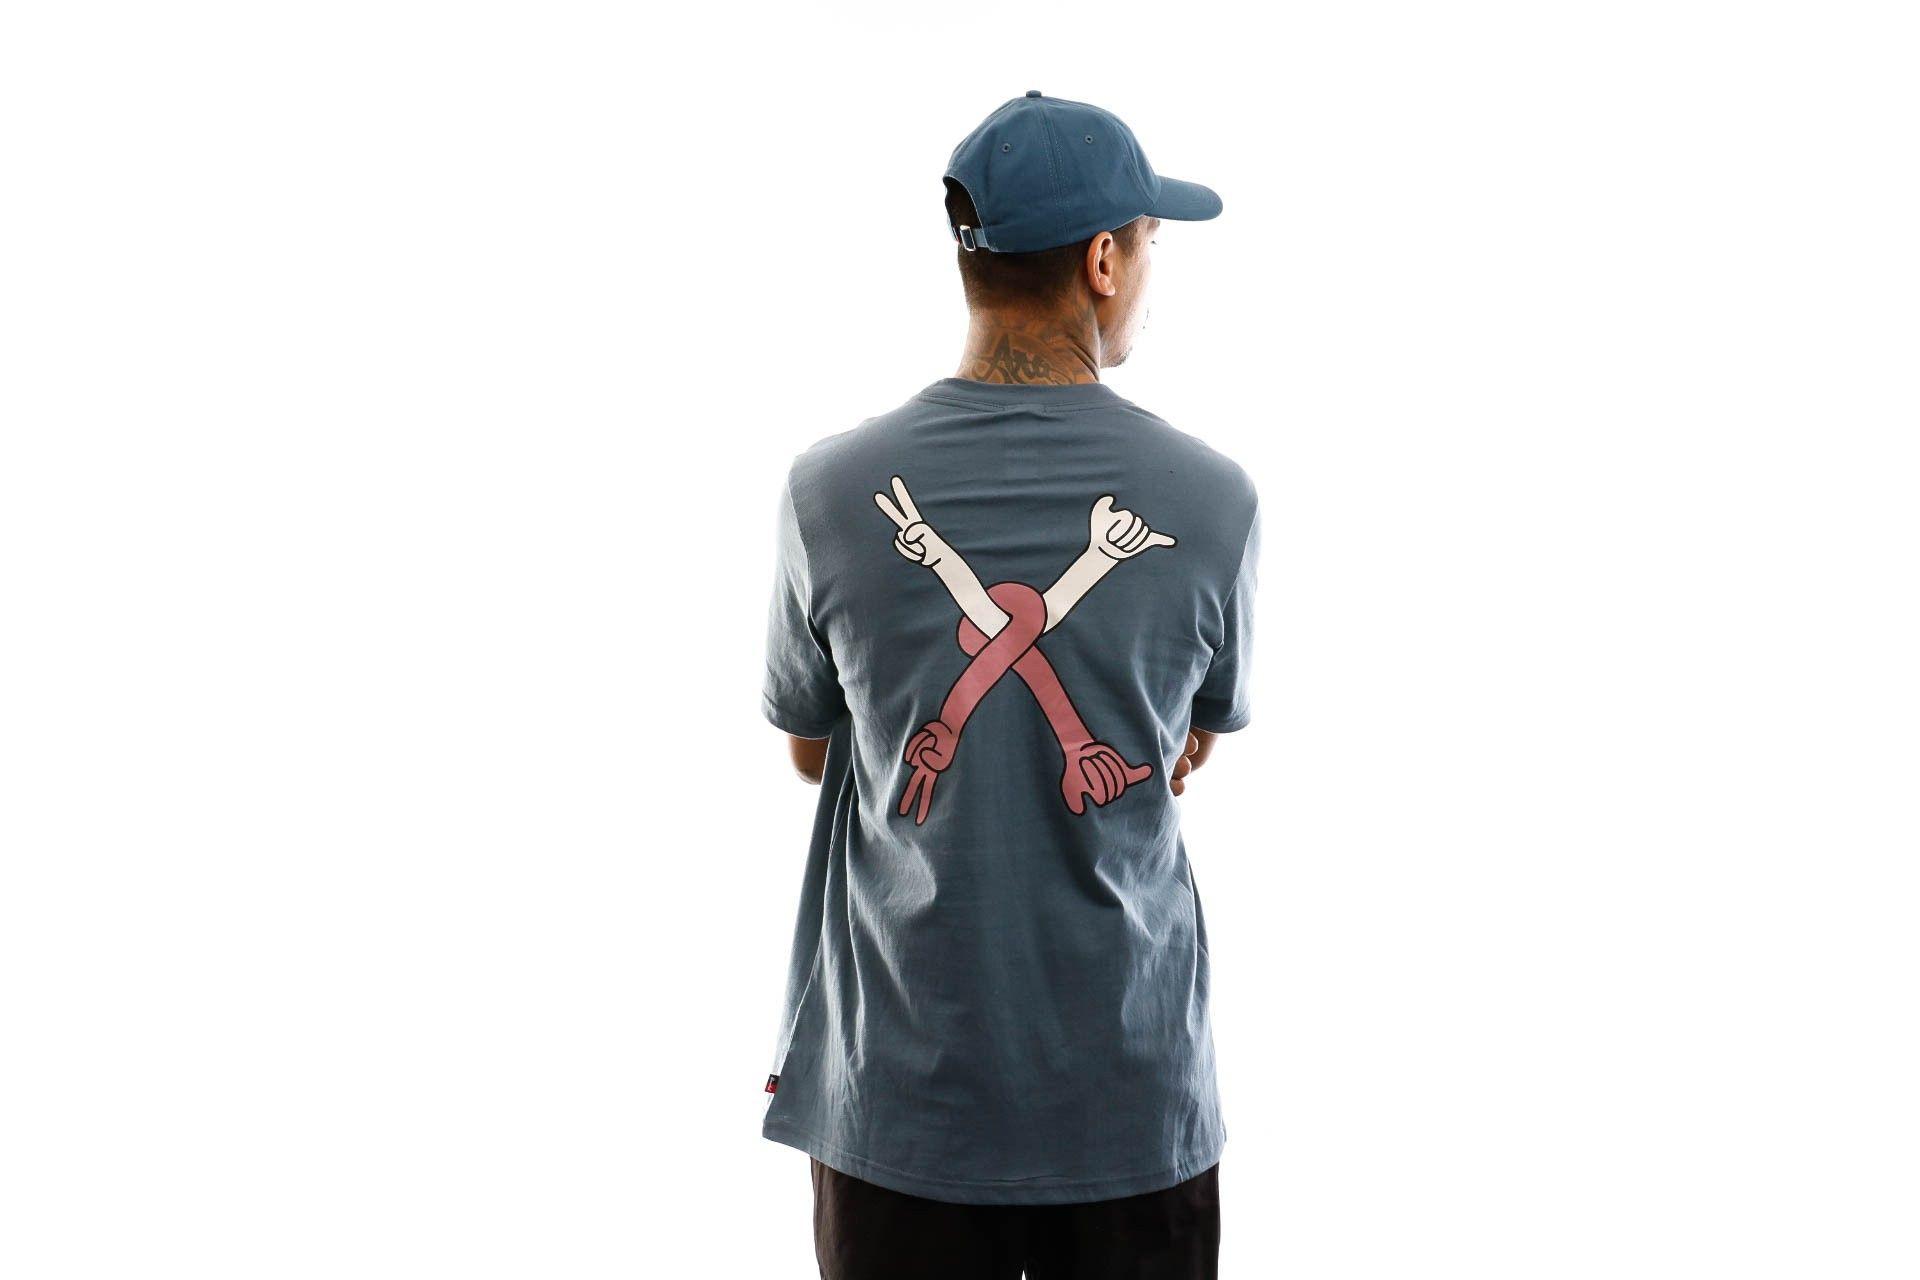 Afbeelding van Herschel T-shirt Kevin Butler | Men's Tee Peace X Shaka Blue Mirage 50027-00713